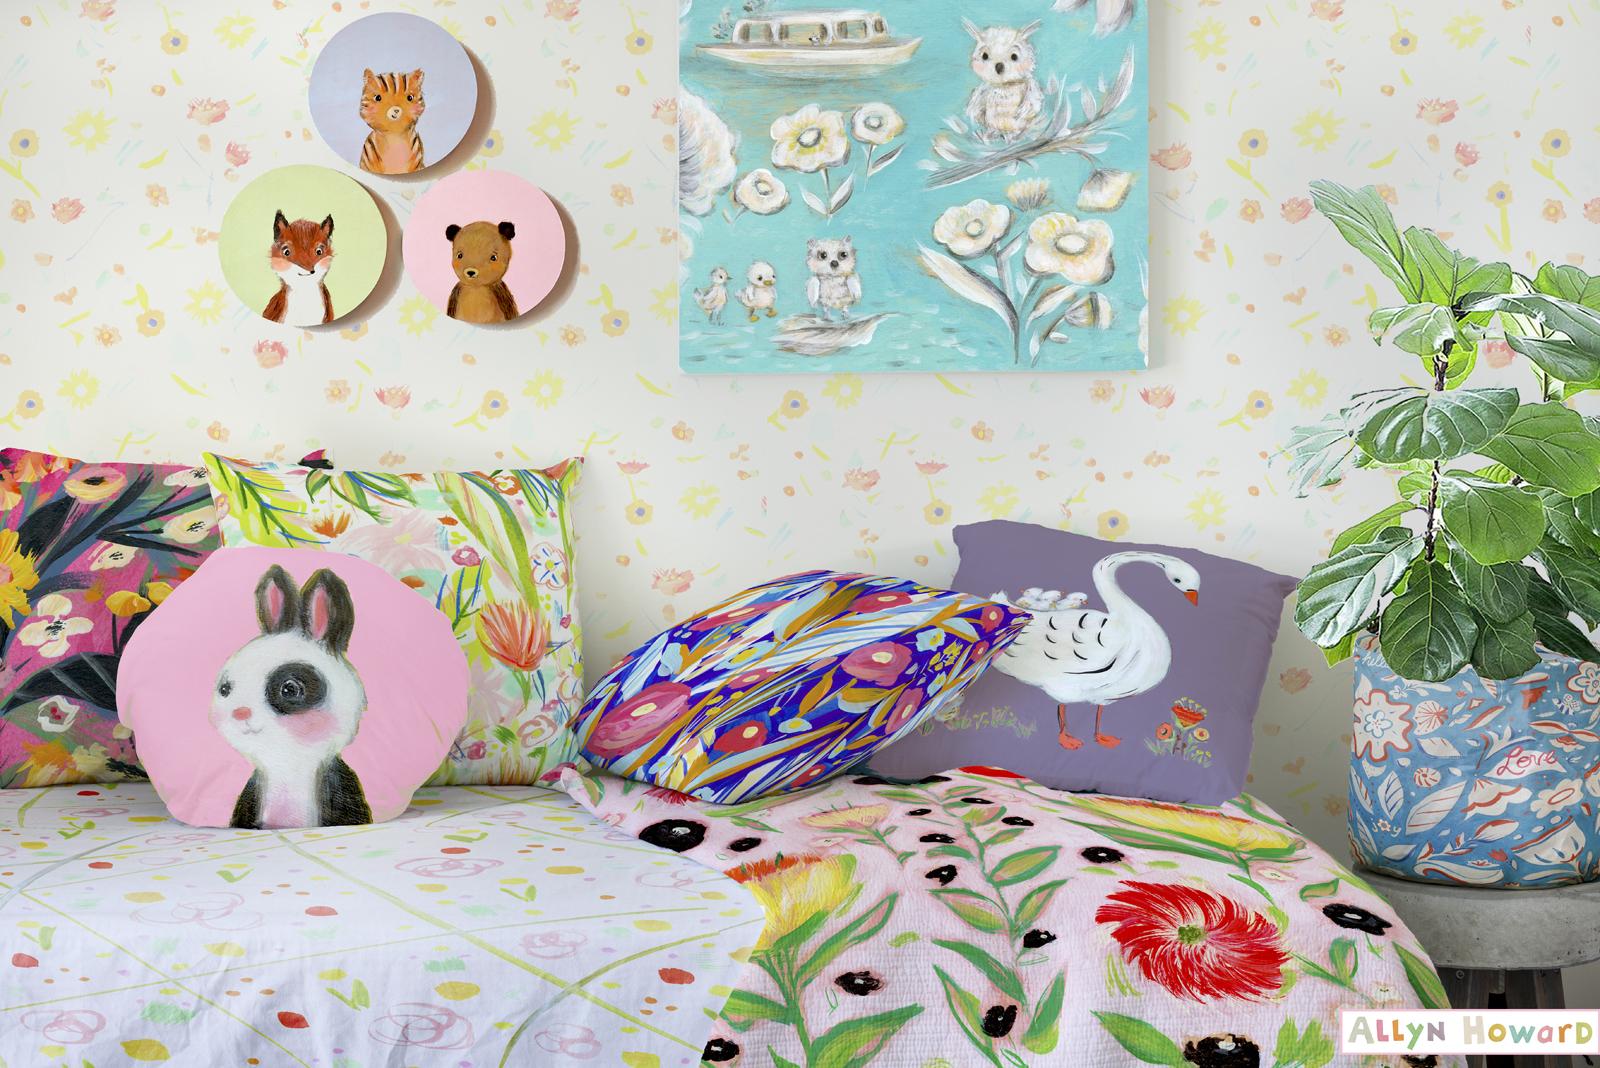 Allyn_Howard_kidsroom_florals_Daybed.jpg